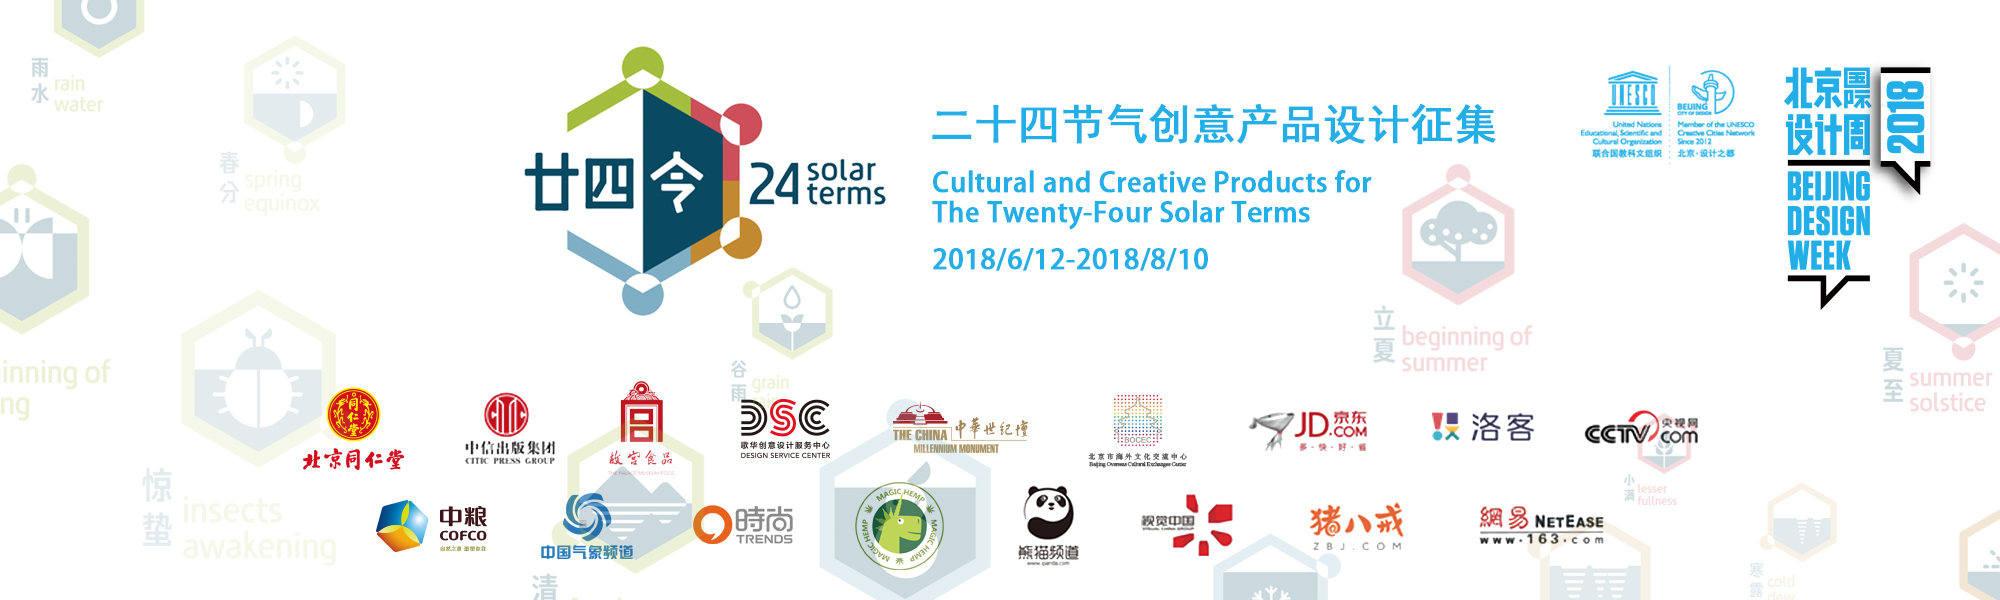 2018北京国际设计周二十四节气创意产品设计征集